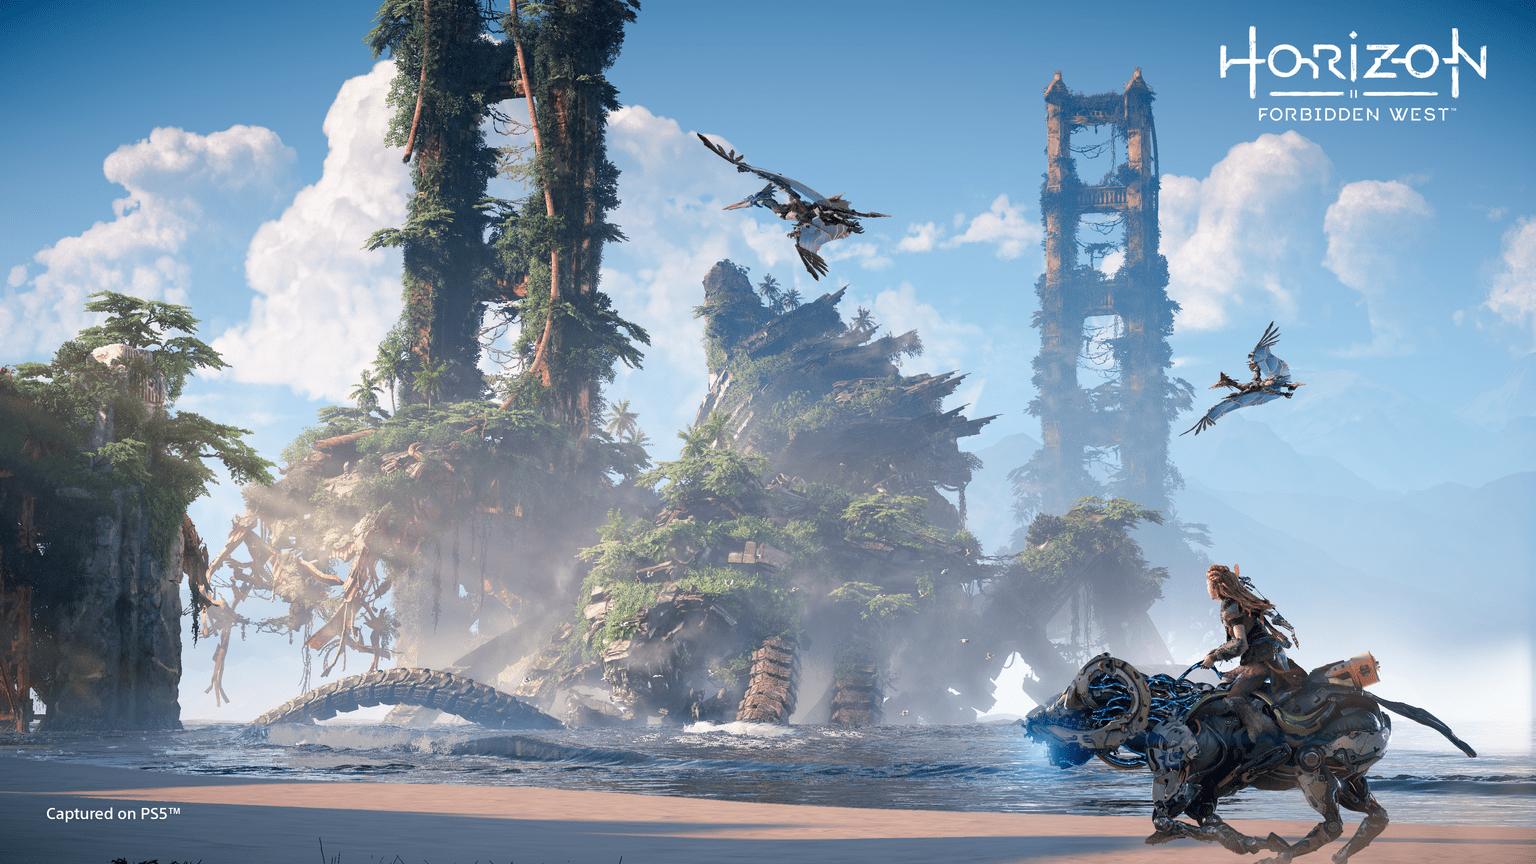 PS5 - Horizon: Forbidden West